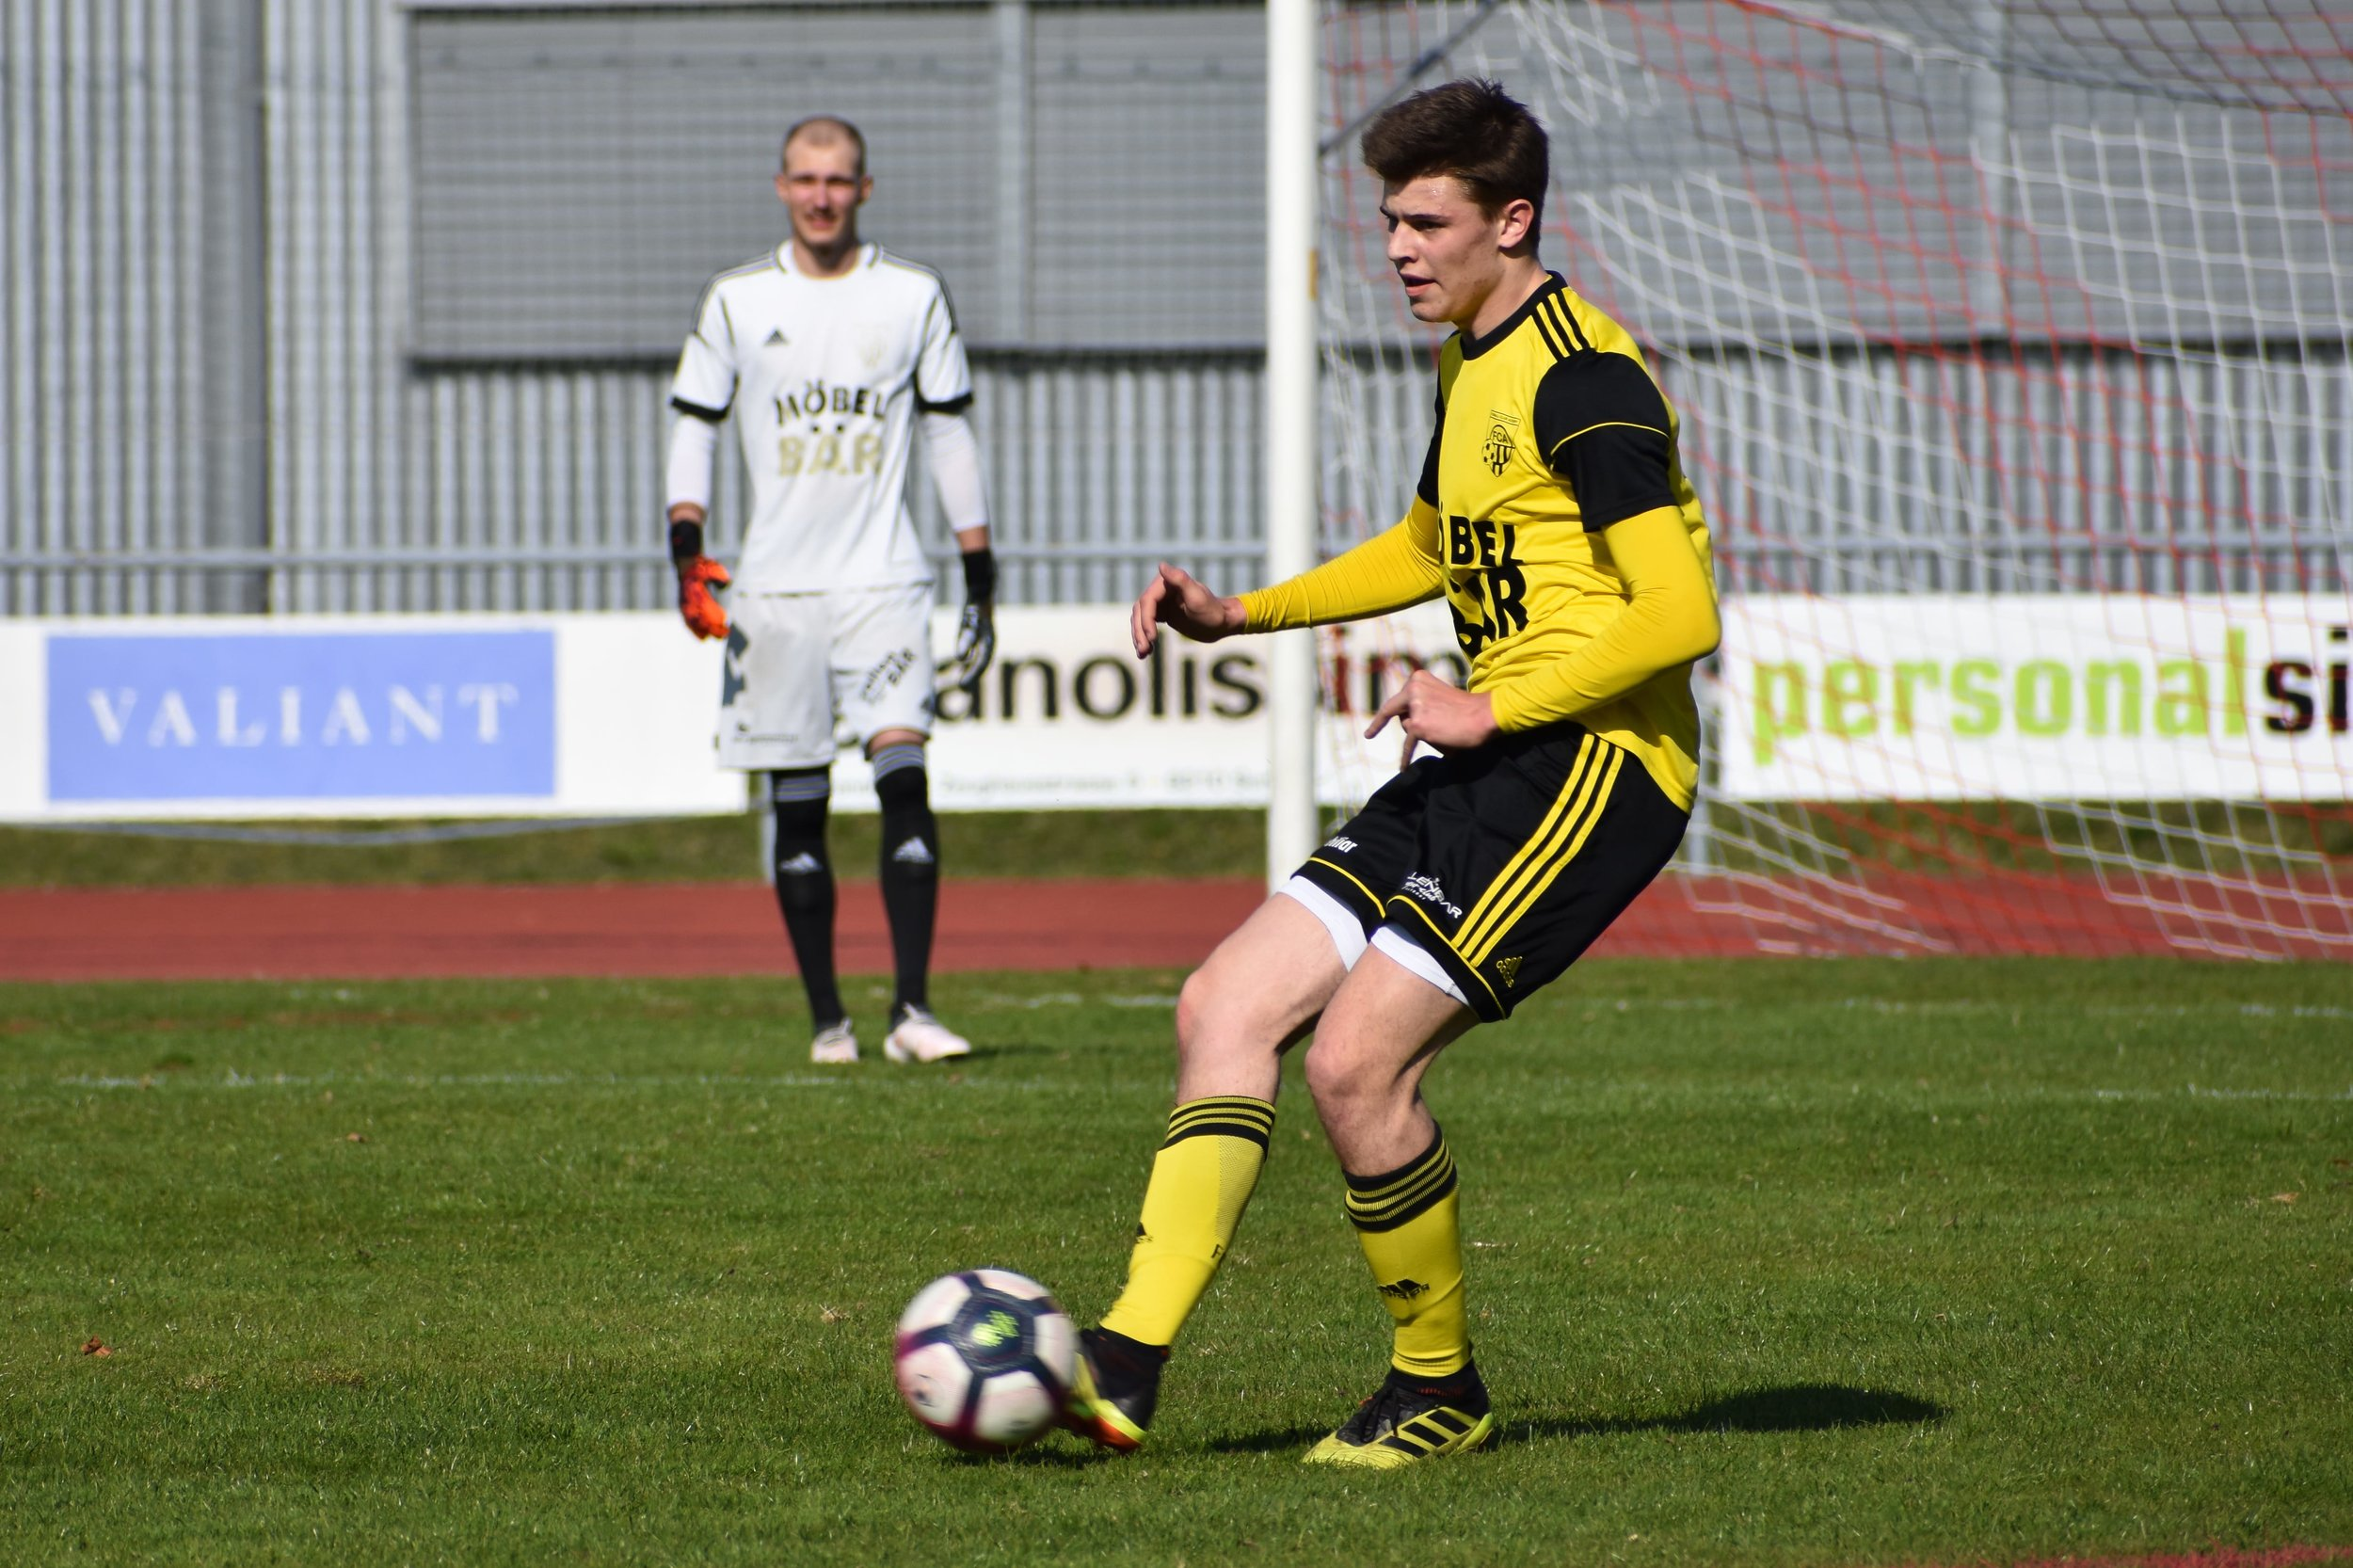 Youngster Nino Poletti ist in der bisherigen Rückrunde zum sicheren Wert in der Altdorfer Innenverteidigung gereift.  Foto: Ronny Arnold